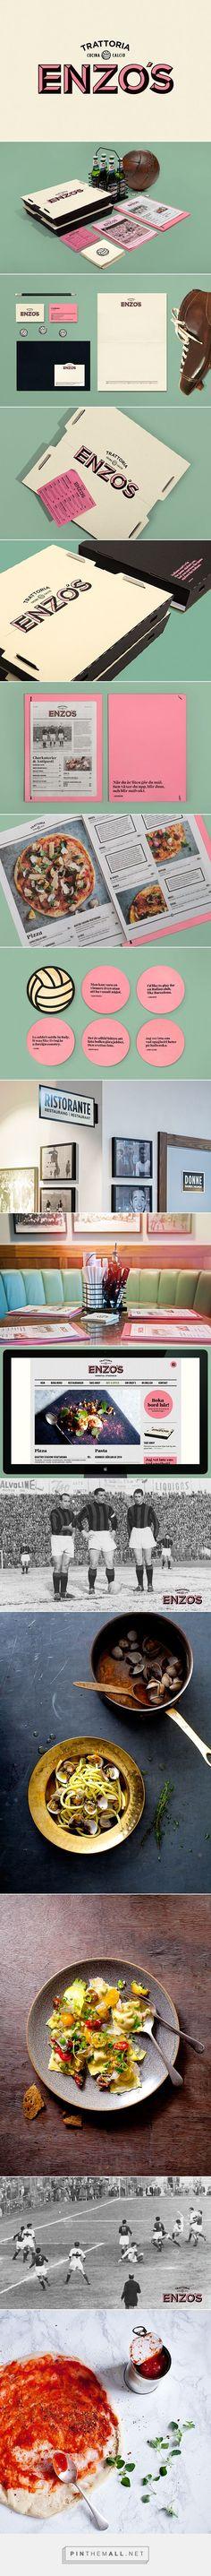 Enzo's Branding on Behance   Fivestar Branding – Design and Branding Agency & Inspiration Gallery